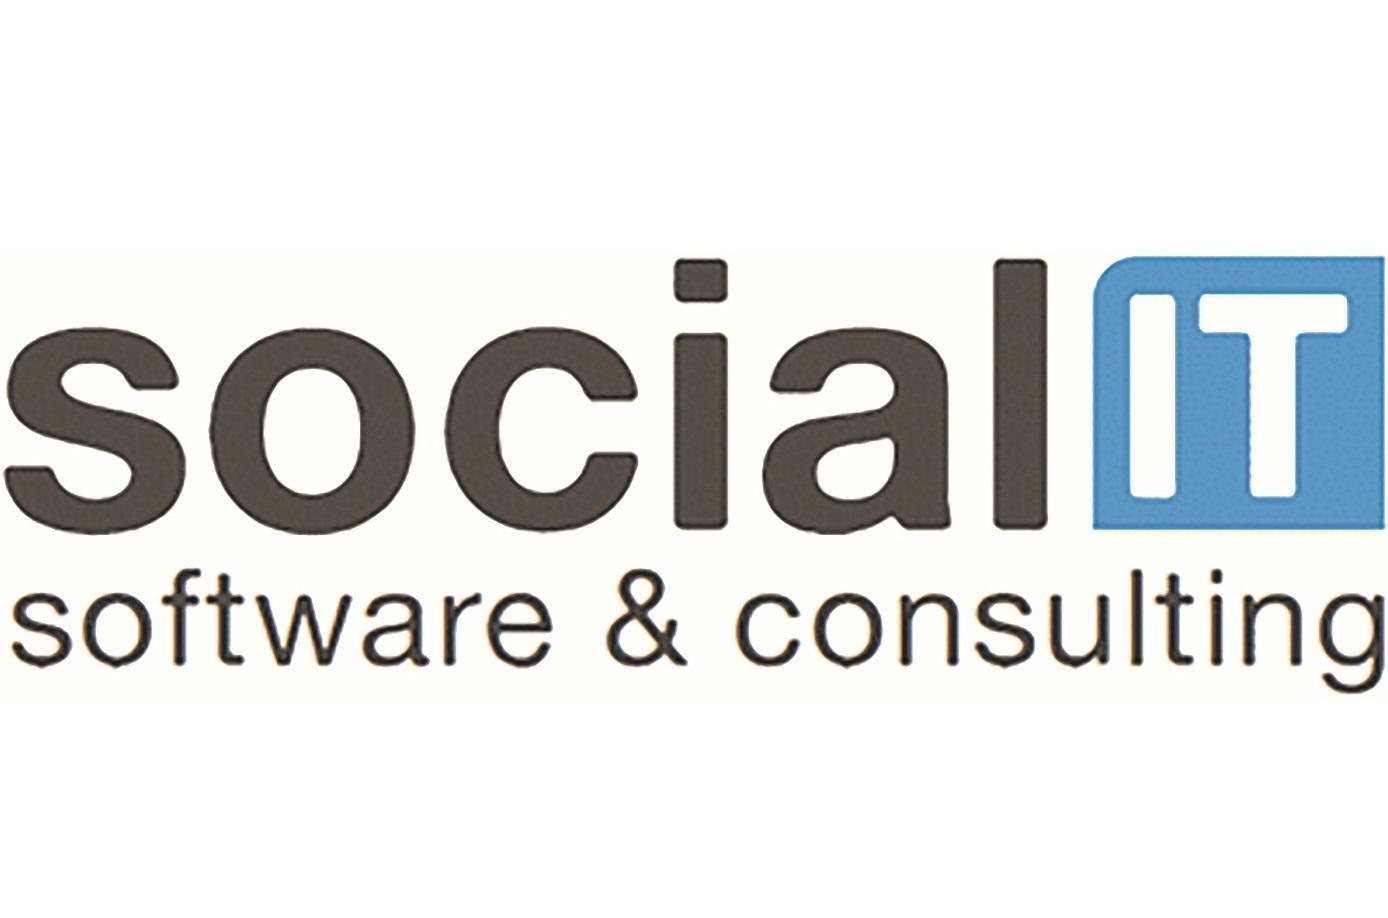 Social IT x